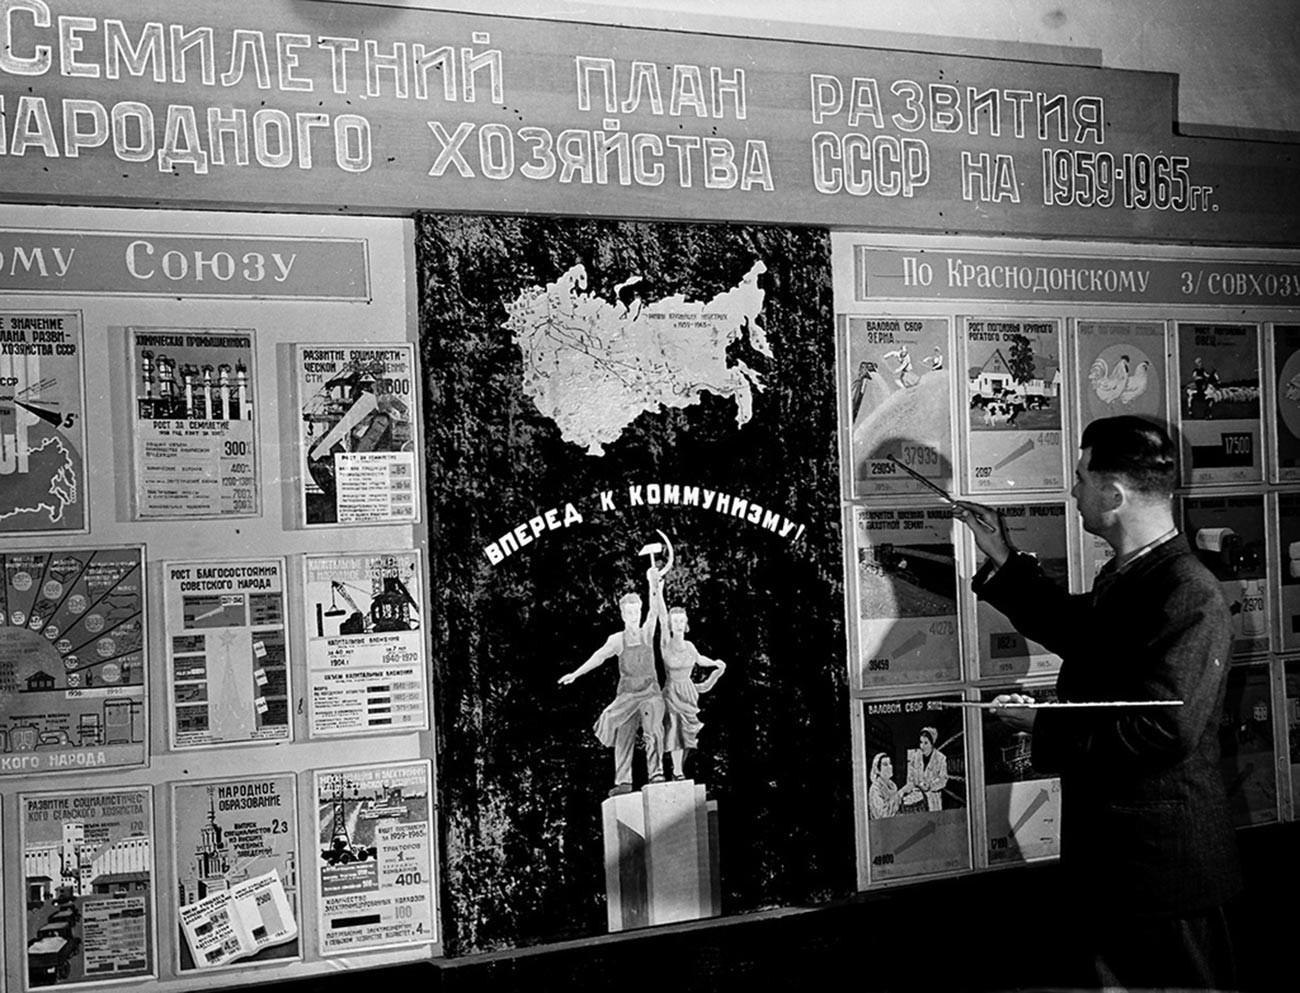 Der Mähdrescherfahrer Fjodor Frolow studiert den Siebenjahresplan zur landwirtschaftlichen Entwicklung im Gemeindezentrum Krasnodonski Sowchos in Kasachstan, 1959